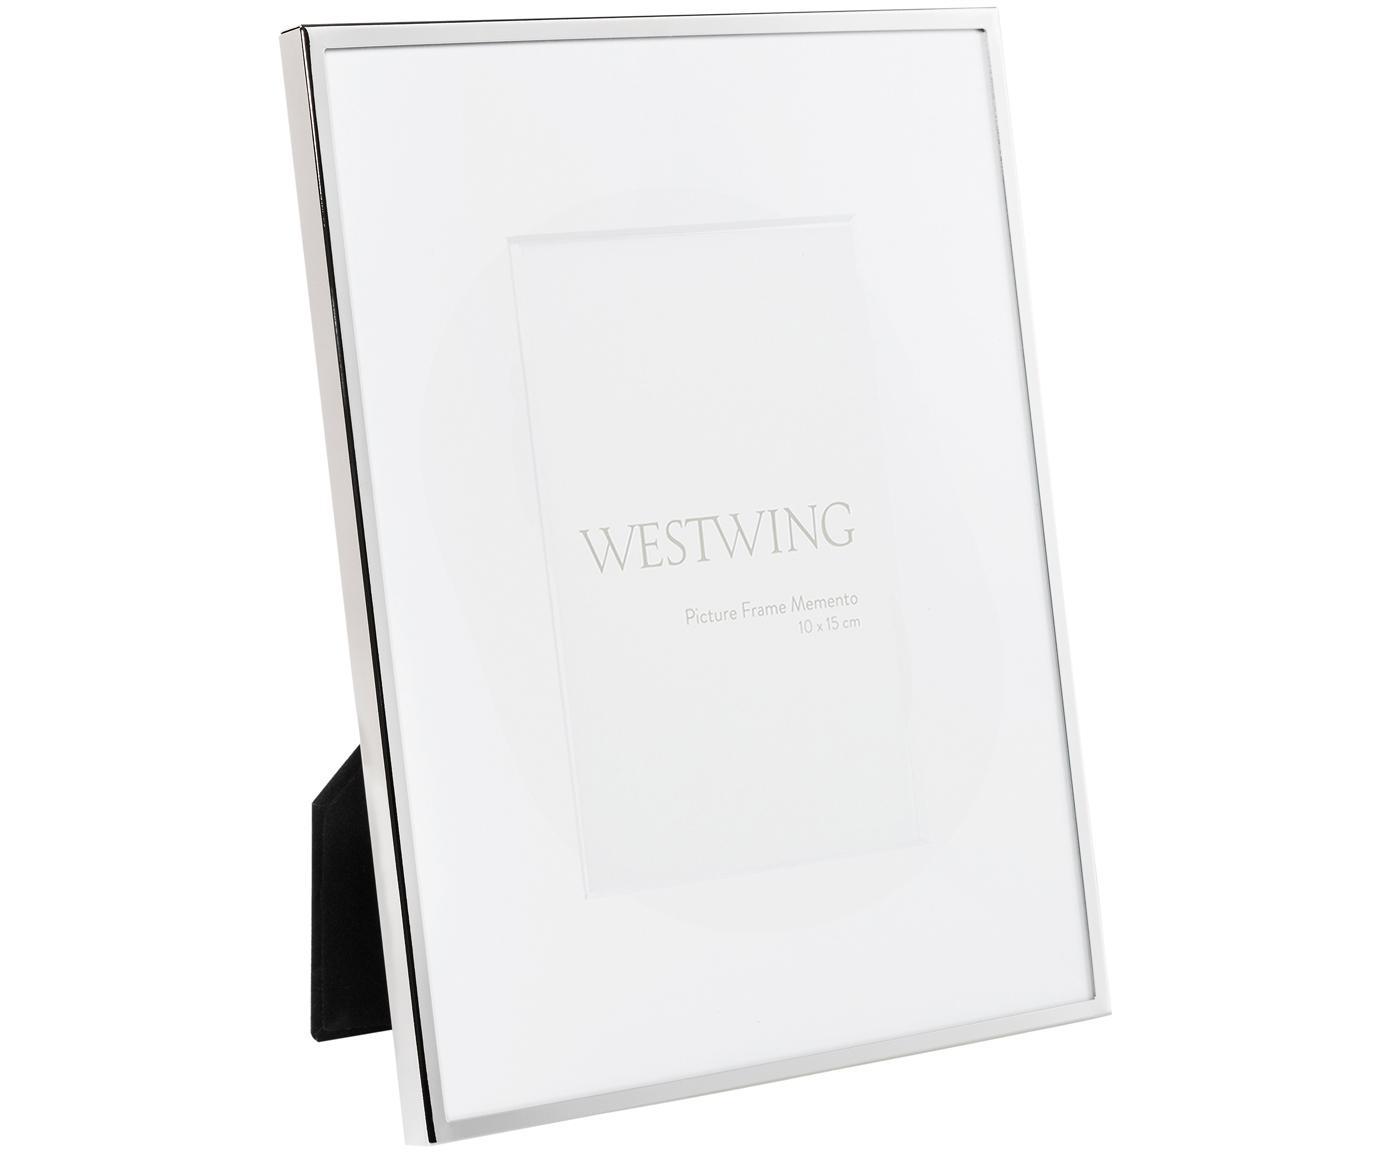 Bilderrahmen Memento, Rahmen: Metall, vernickelt, Front: Glas, spiegelnd, Rückseite: Holz, Samt, Silber, 10 x 15 cm